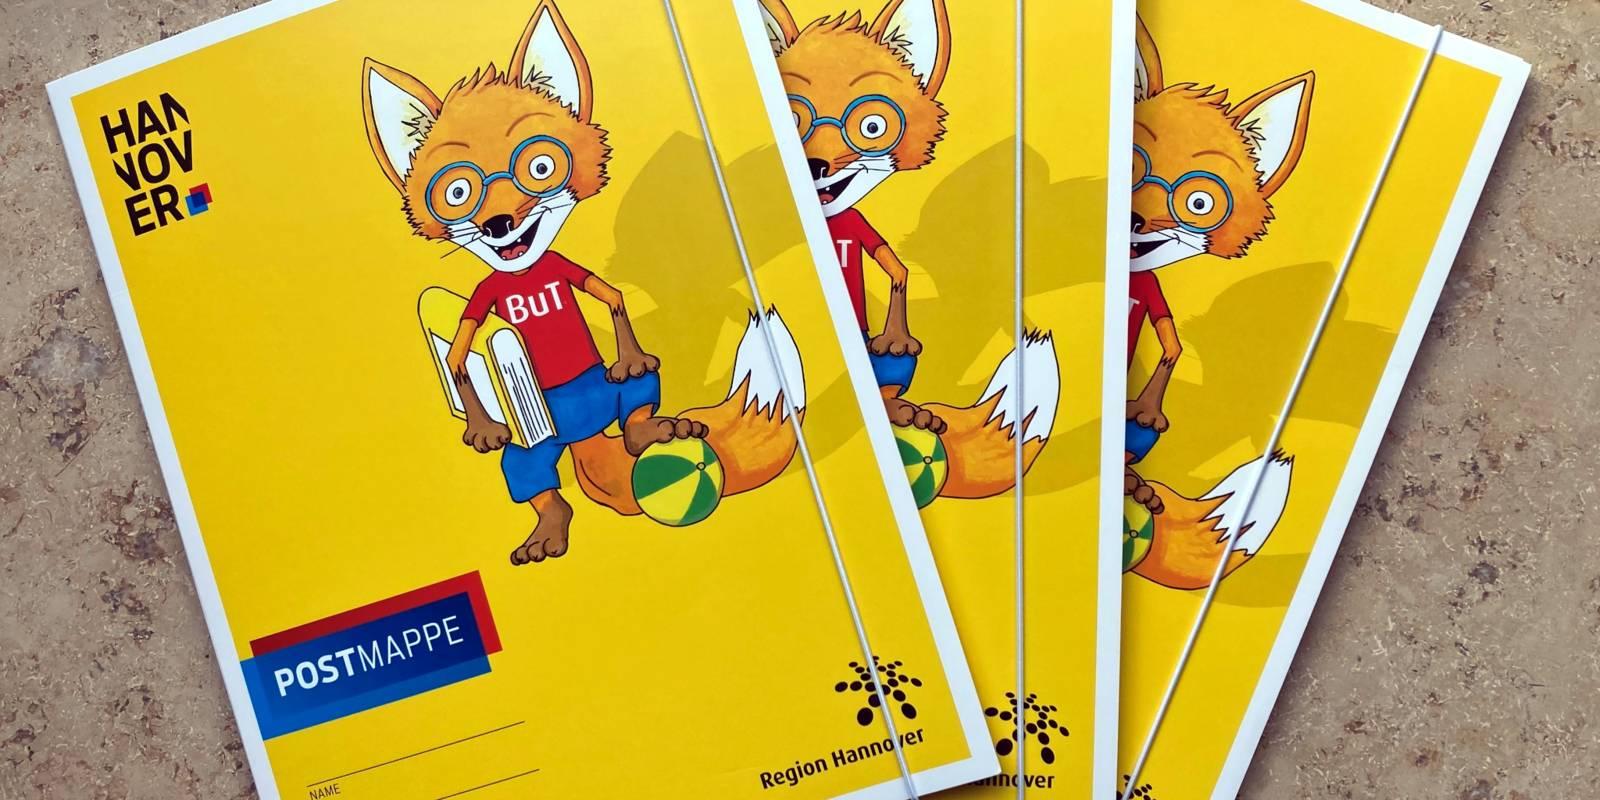 Gelbe Postmappen, bedruckt mit dem BuT-Fuchs, liegen gestapelt aufeinander.